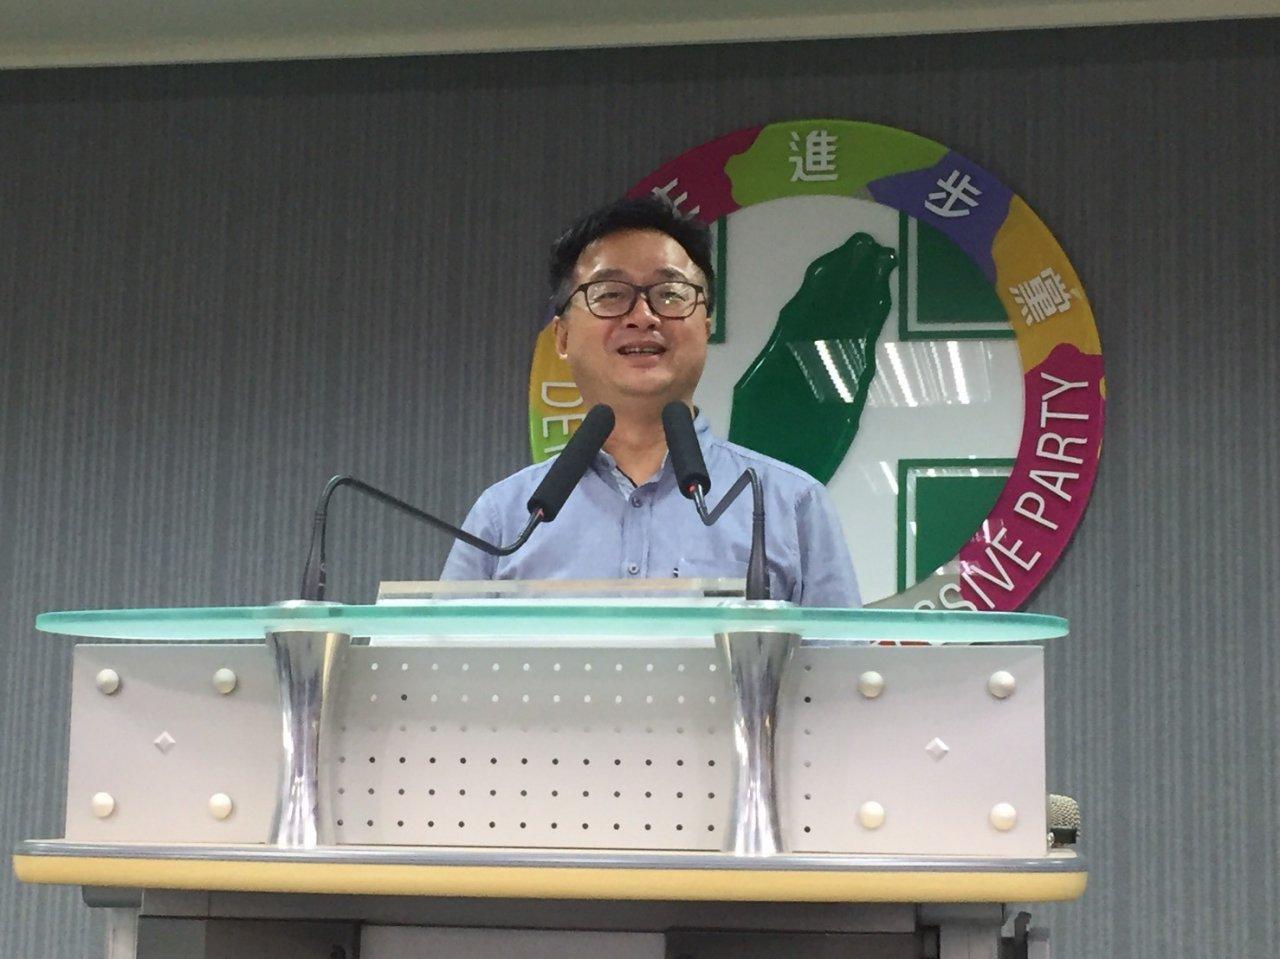 民進黨明開中執會確認總統提名 蔡總統將到場致意